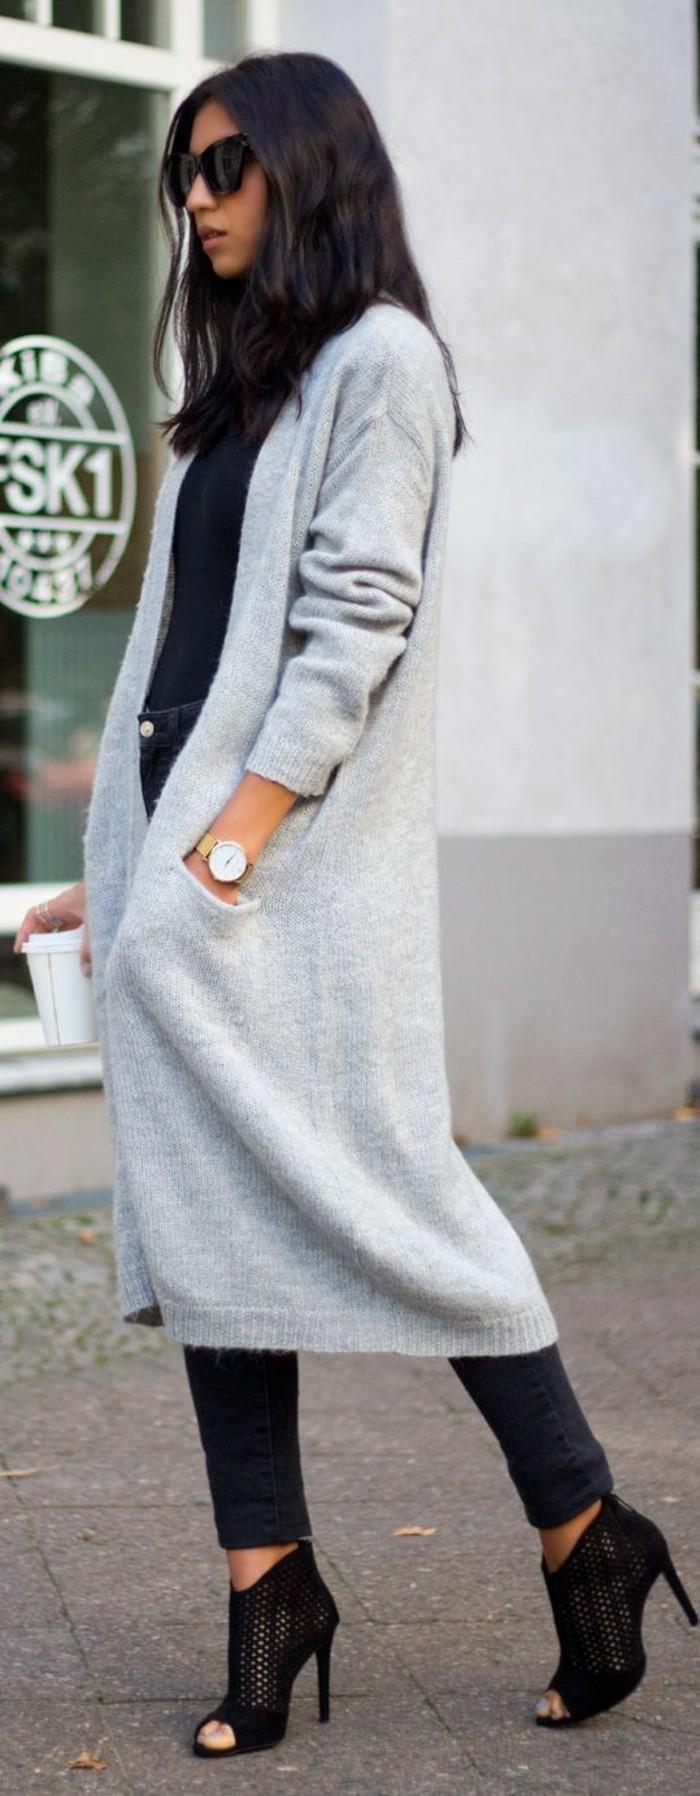 eleganter-Look-stilvolle-schwarze-Schuhe-mit-Absatz-lange-Strickjacke-grau